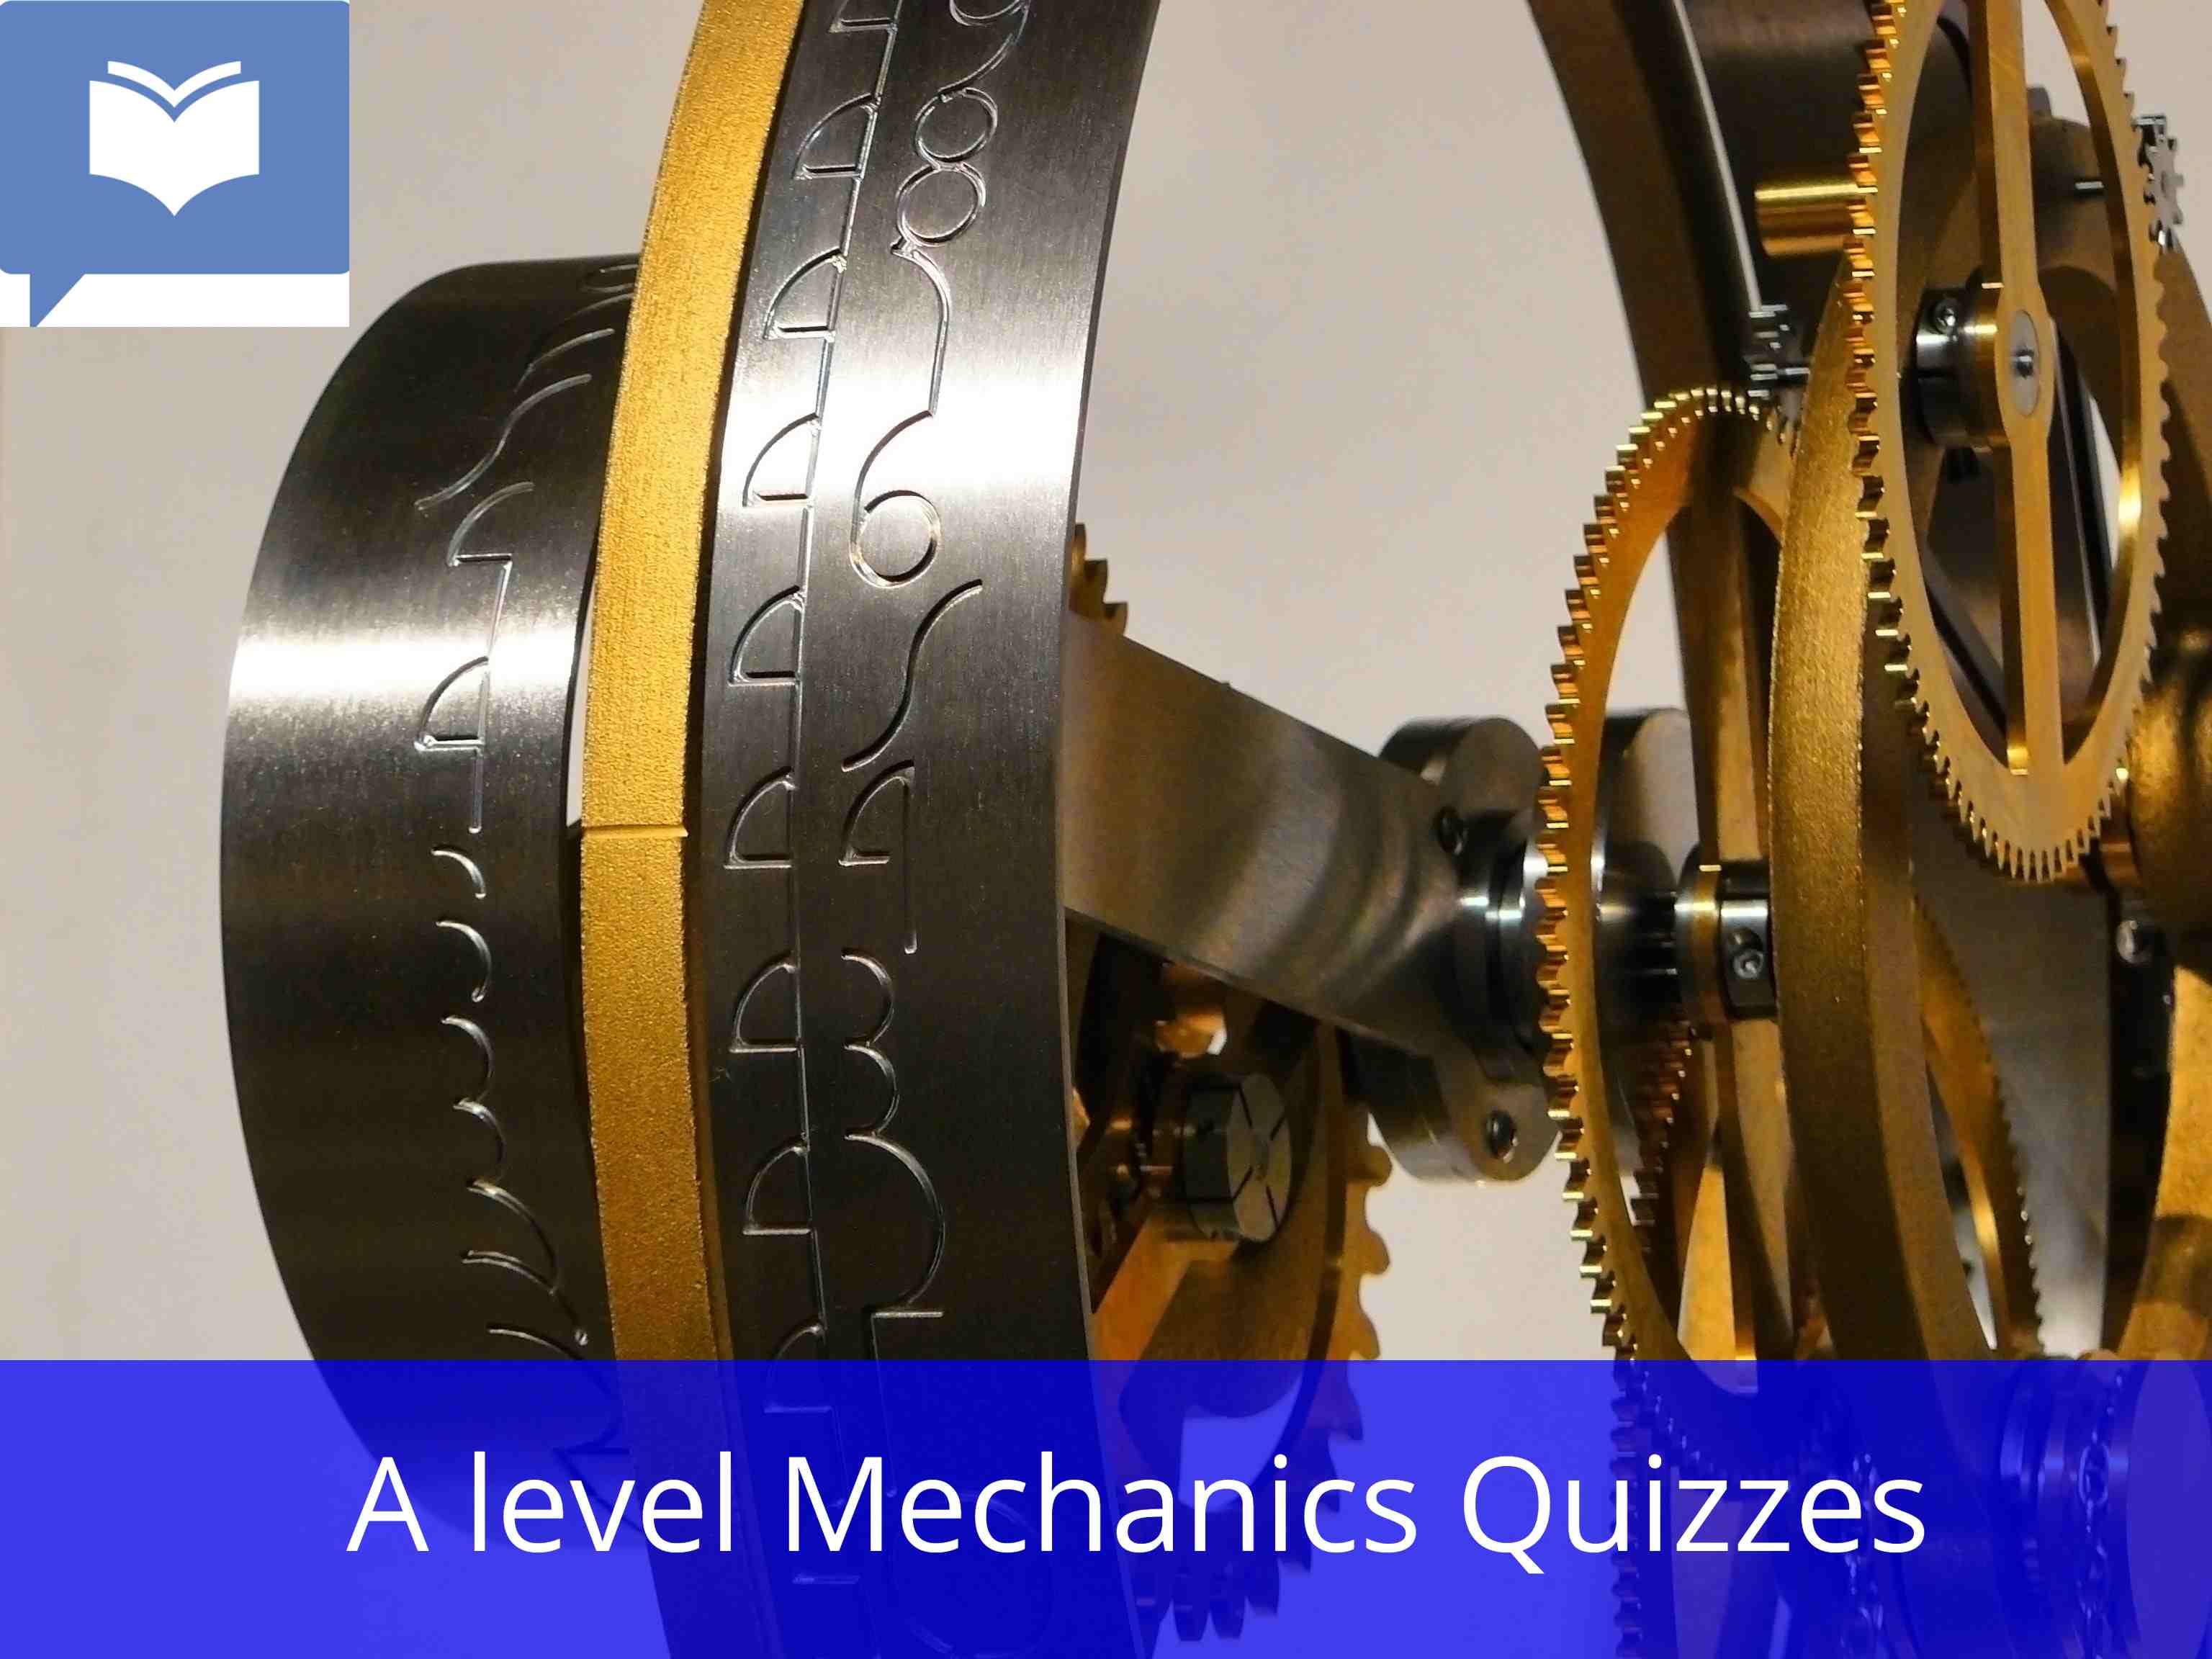 A level Mechanics Quizzes